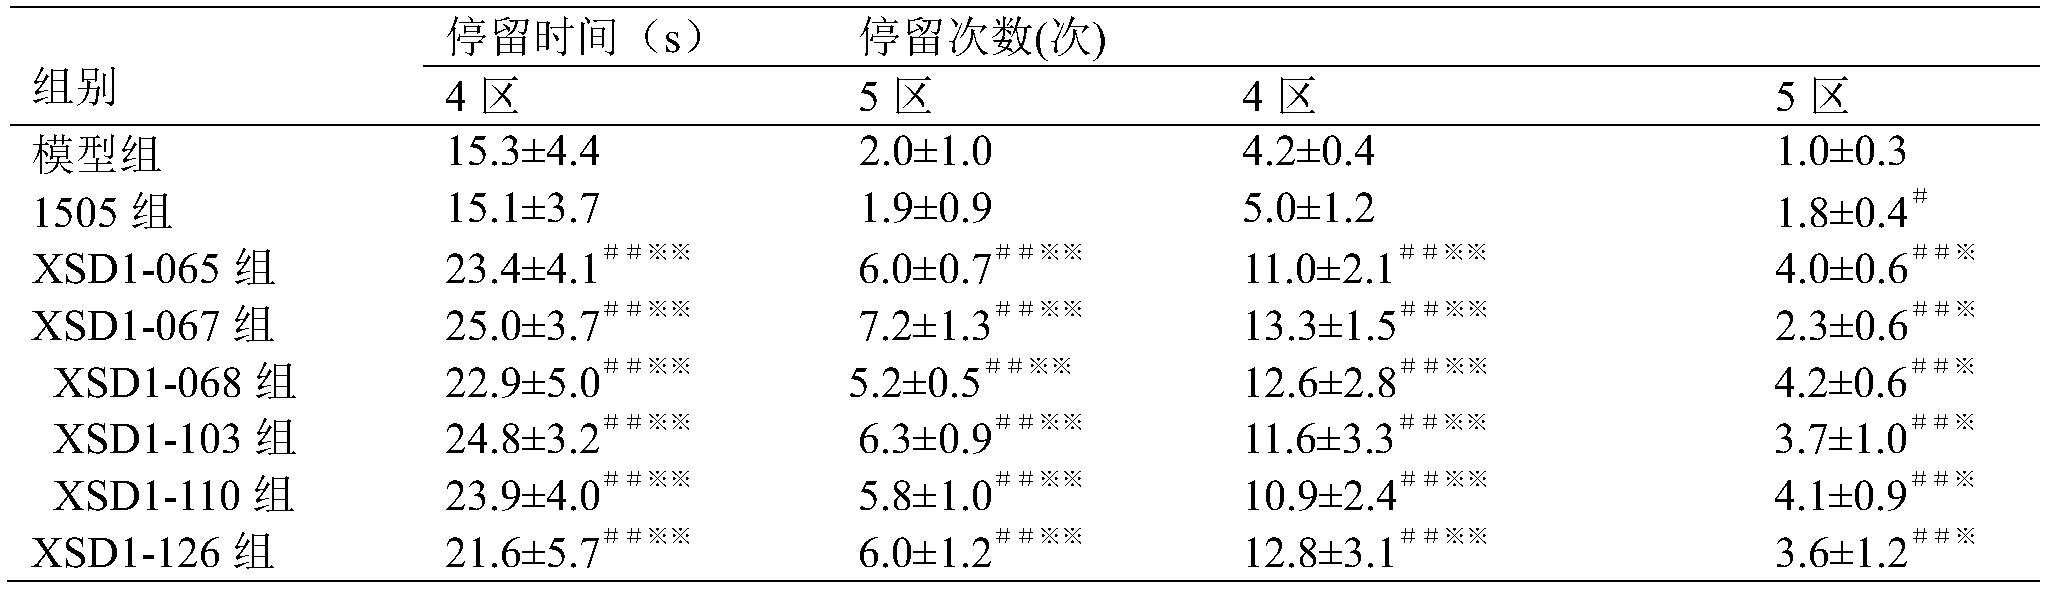 Figure PCTCN2017084604-appb-000346